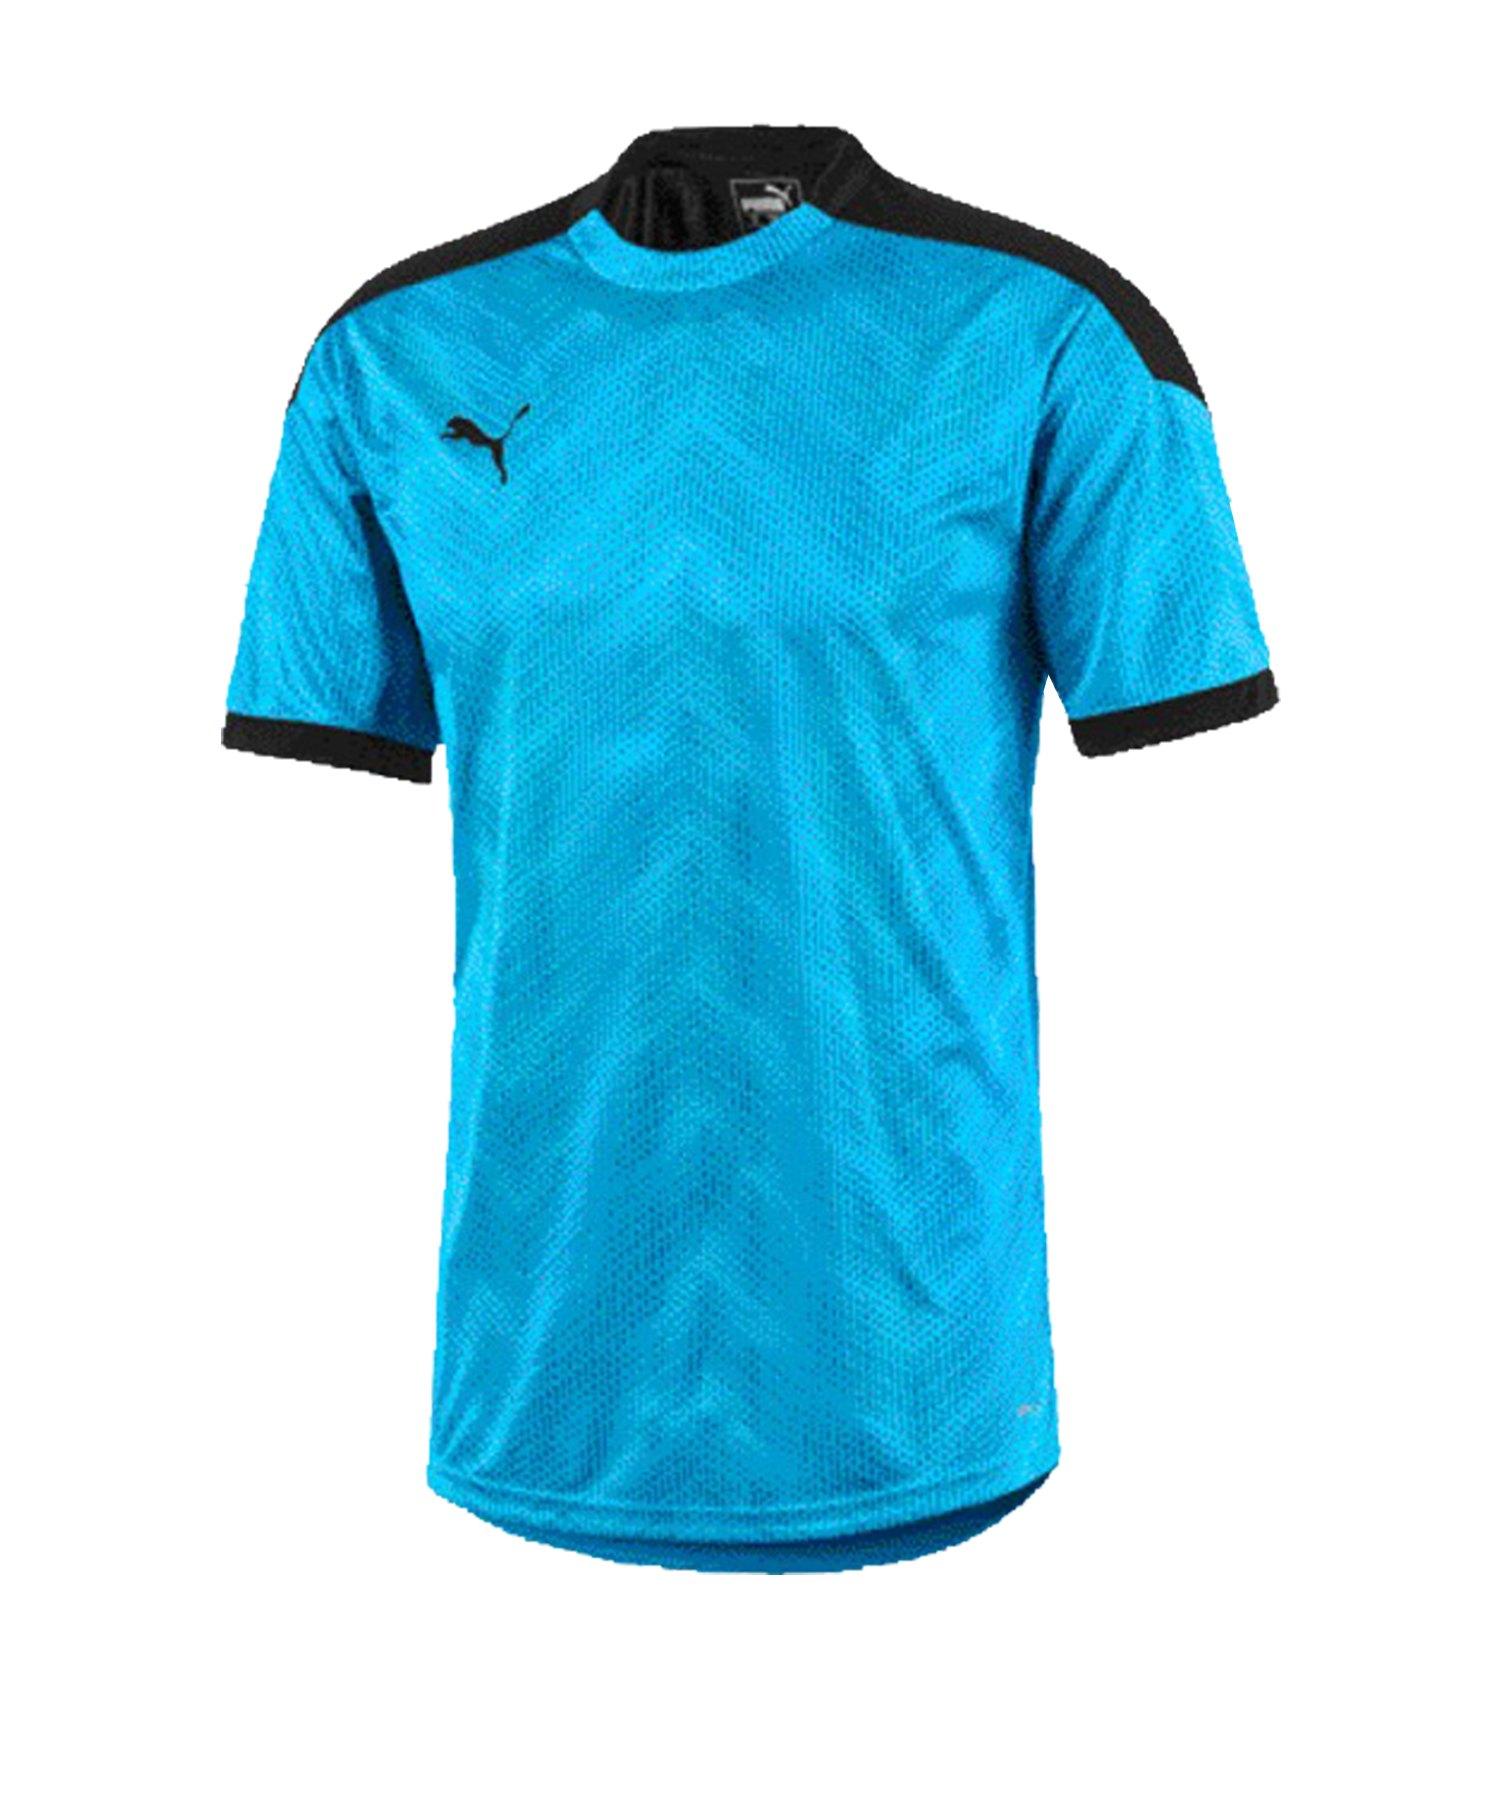 PUMA ftblNXT Graphic Shirt Blau Schwarz F02 - blau